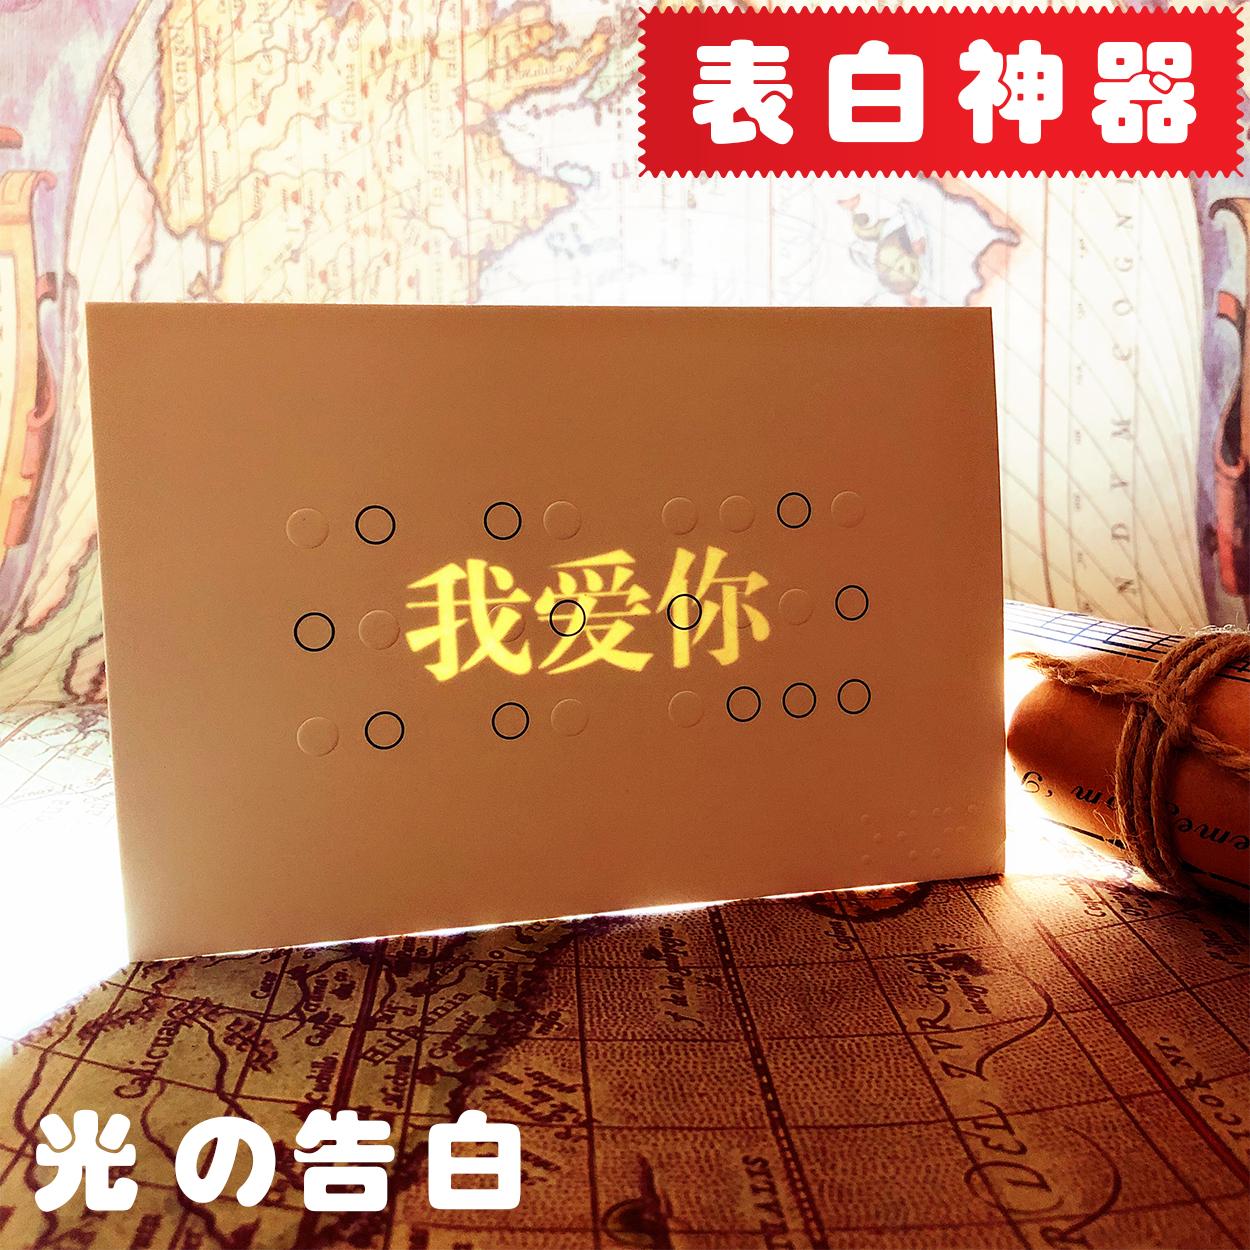 表白神器情人节贺卡光影告白透光语藏字卡片创意明信片新年贺卡